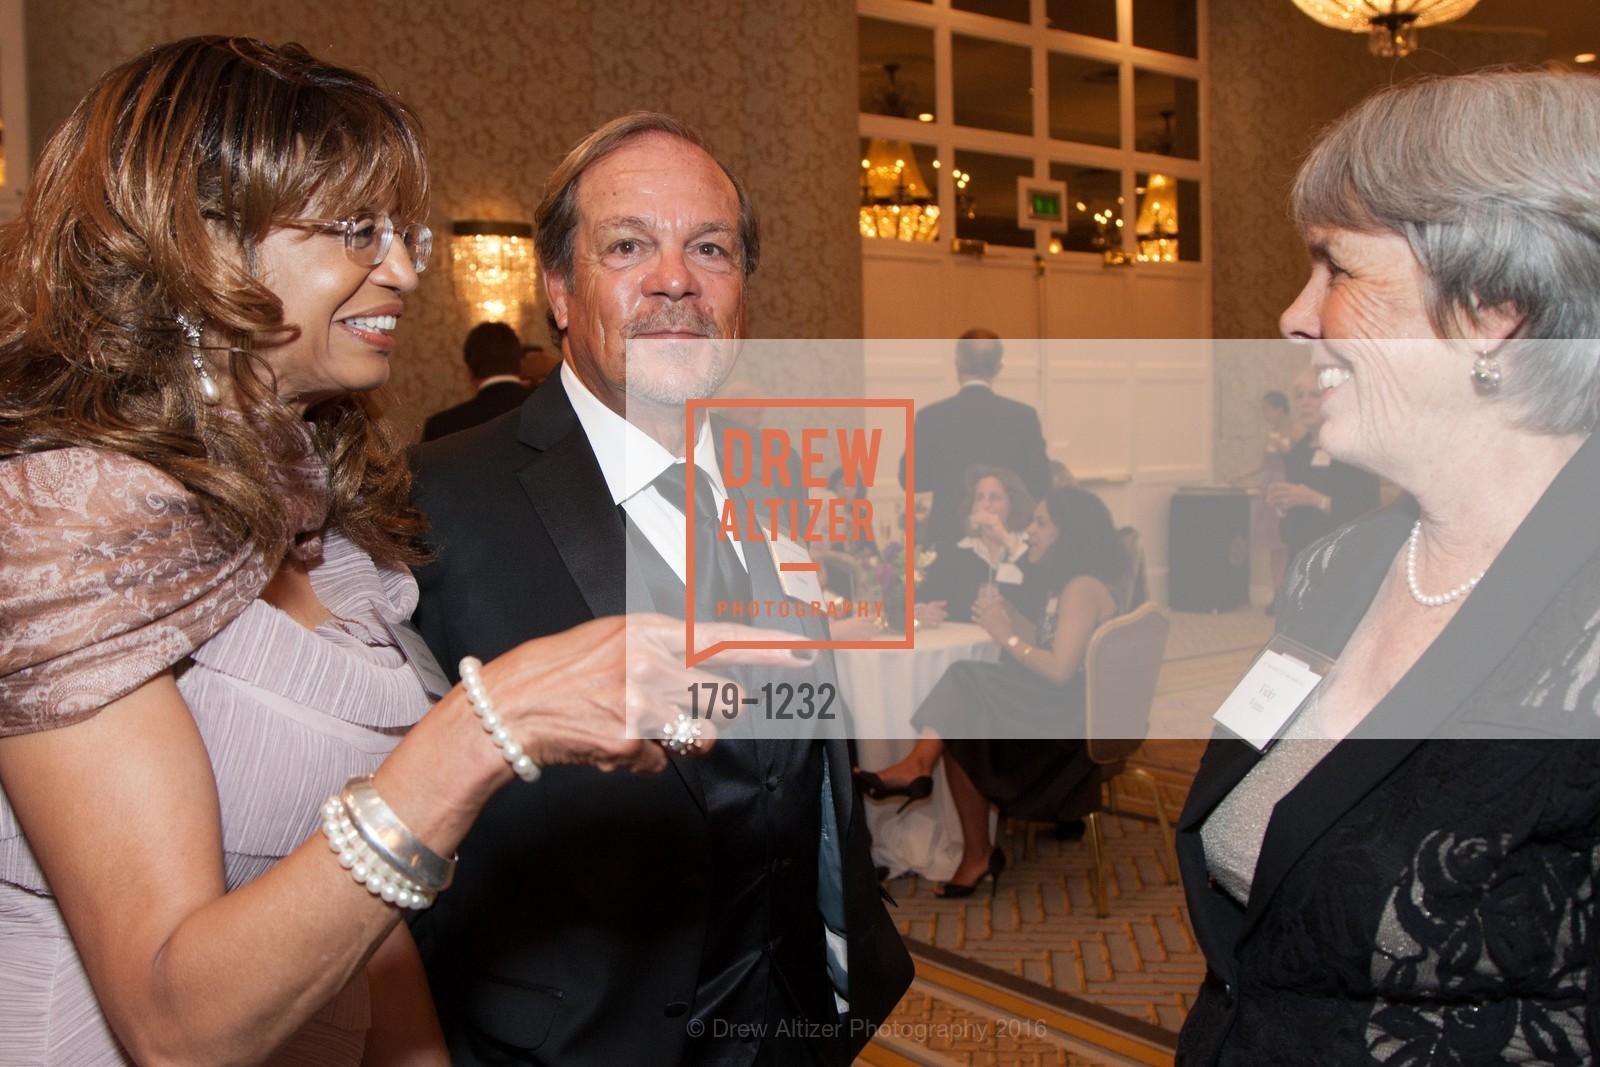 Cortes Saunders-Storno, Michael Storno, Vicky Vozzo, Photo #179-1232